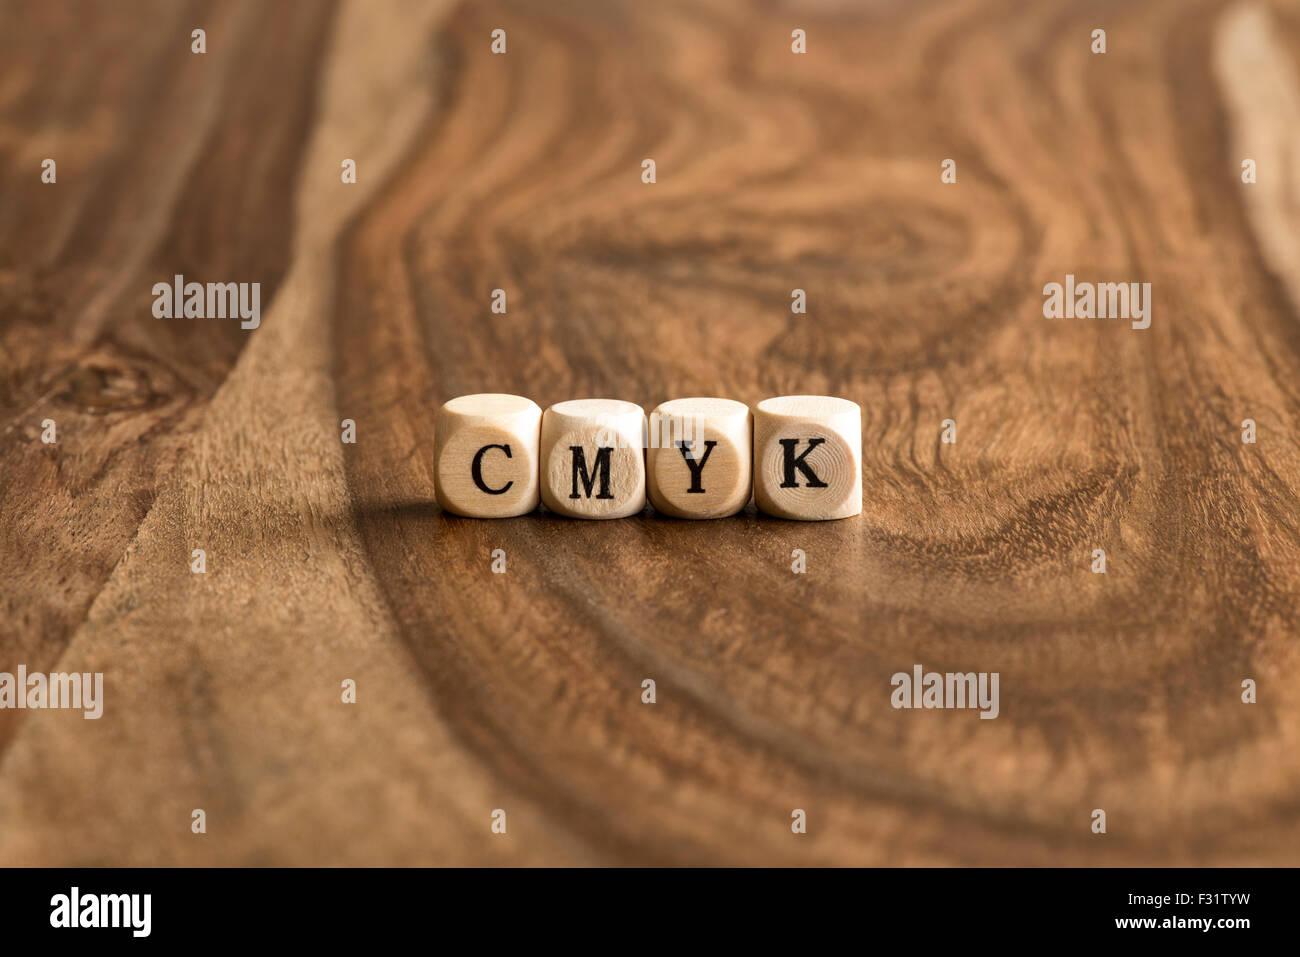 CMYK word background on wood blocks - Stock Image